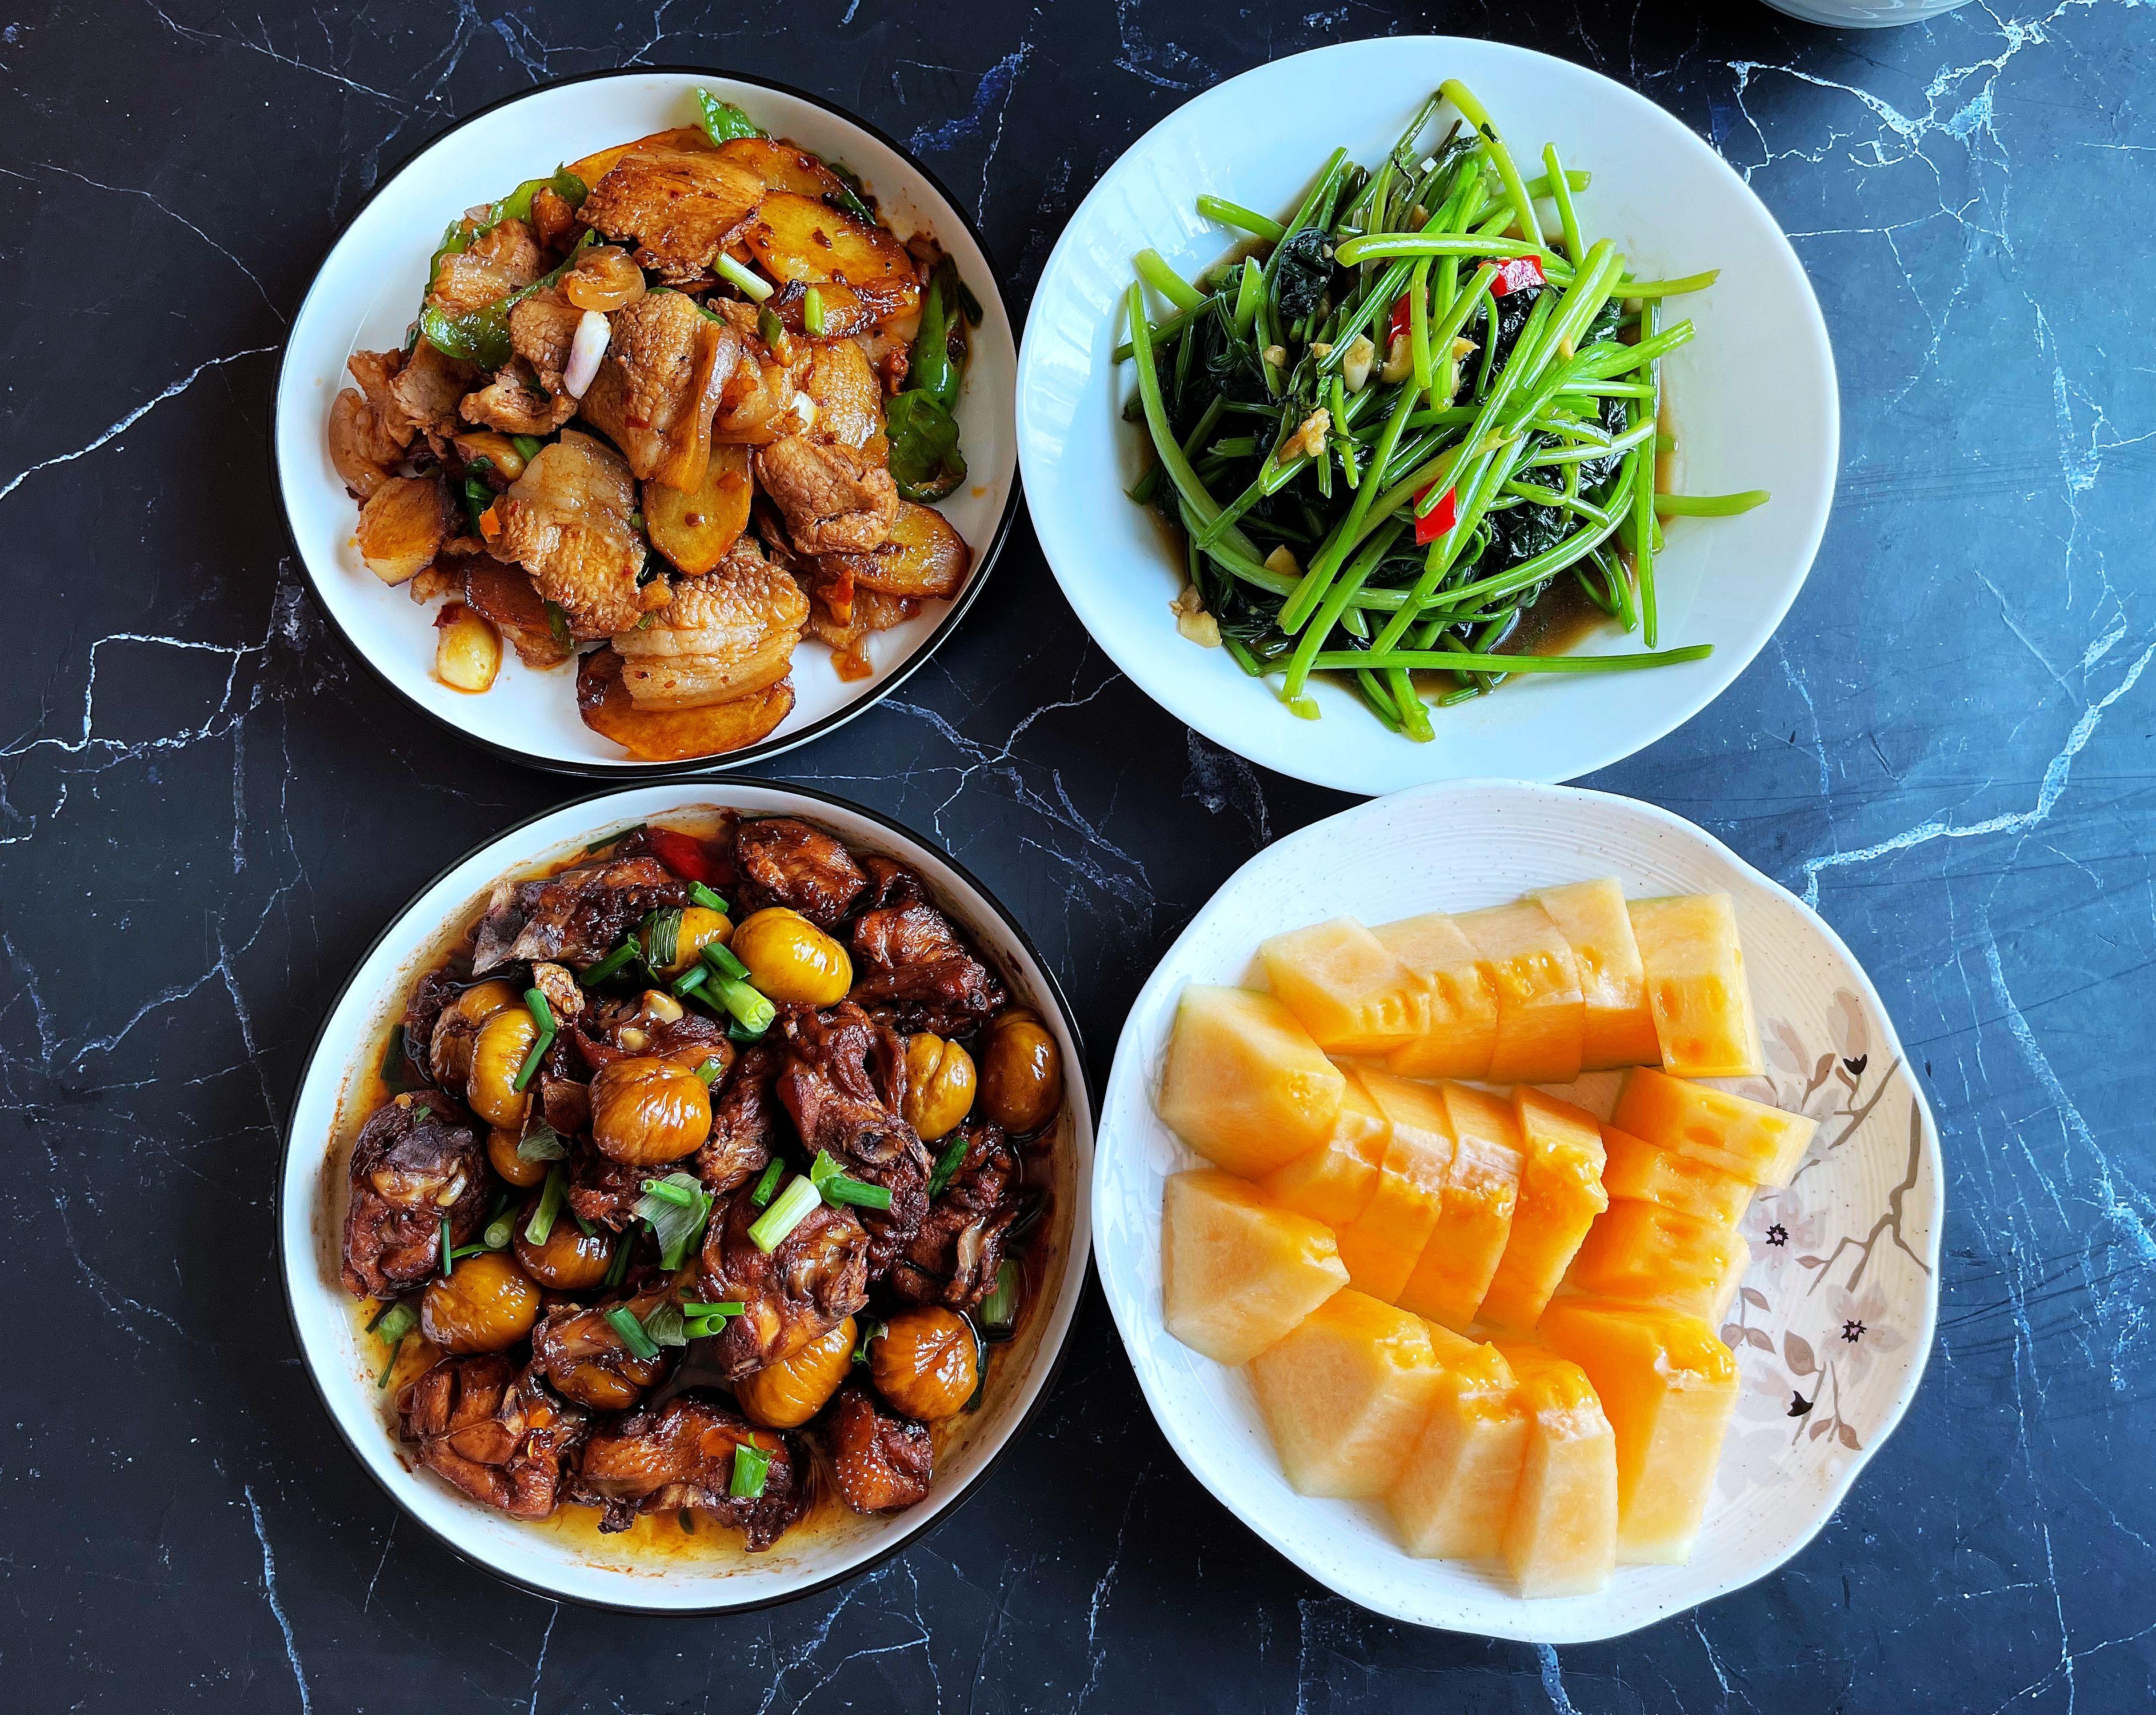 2口子的午餐,3菜配水果,上得台面又实惠好吃,晒圈火了